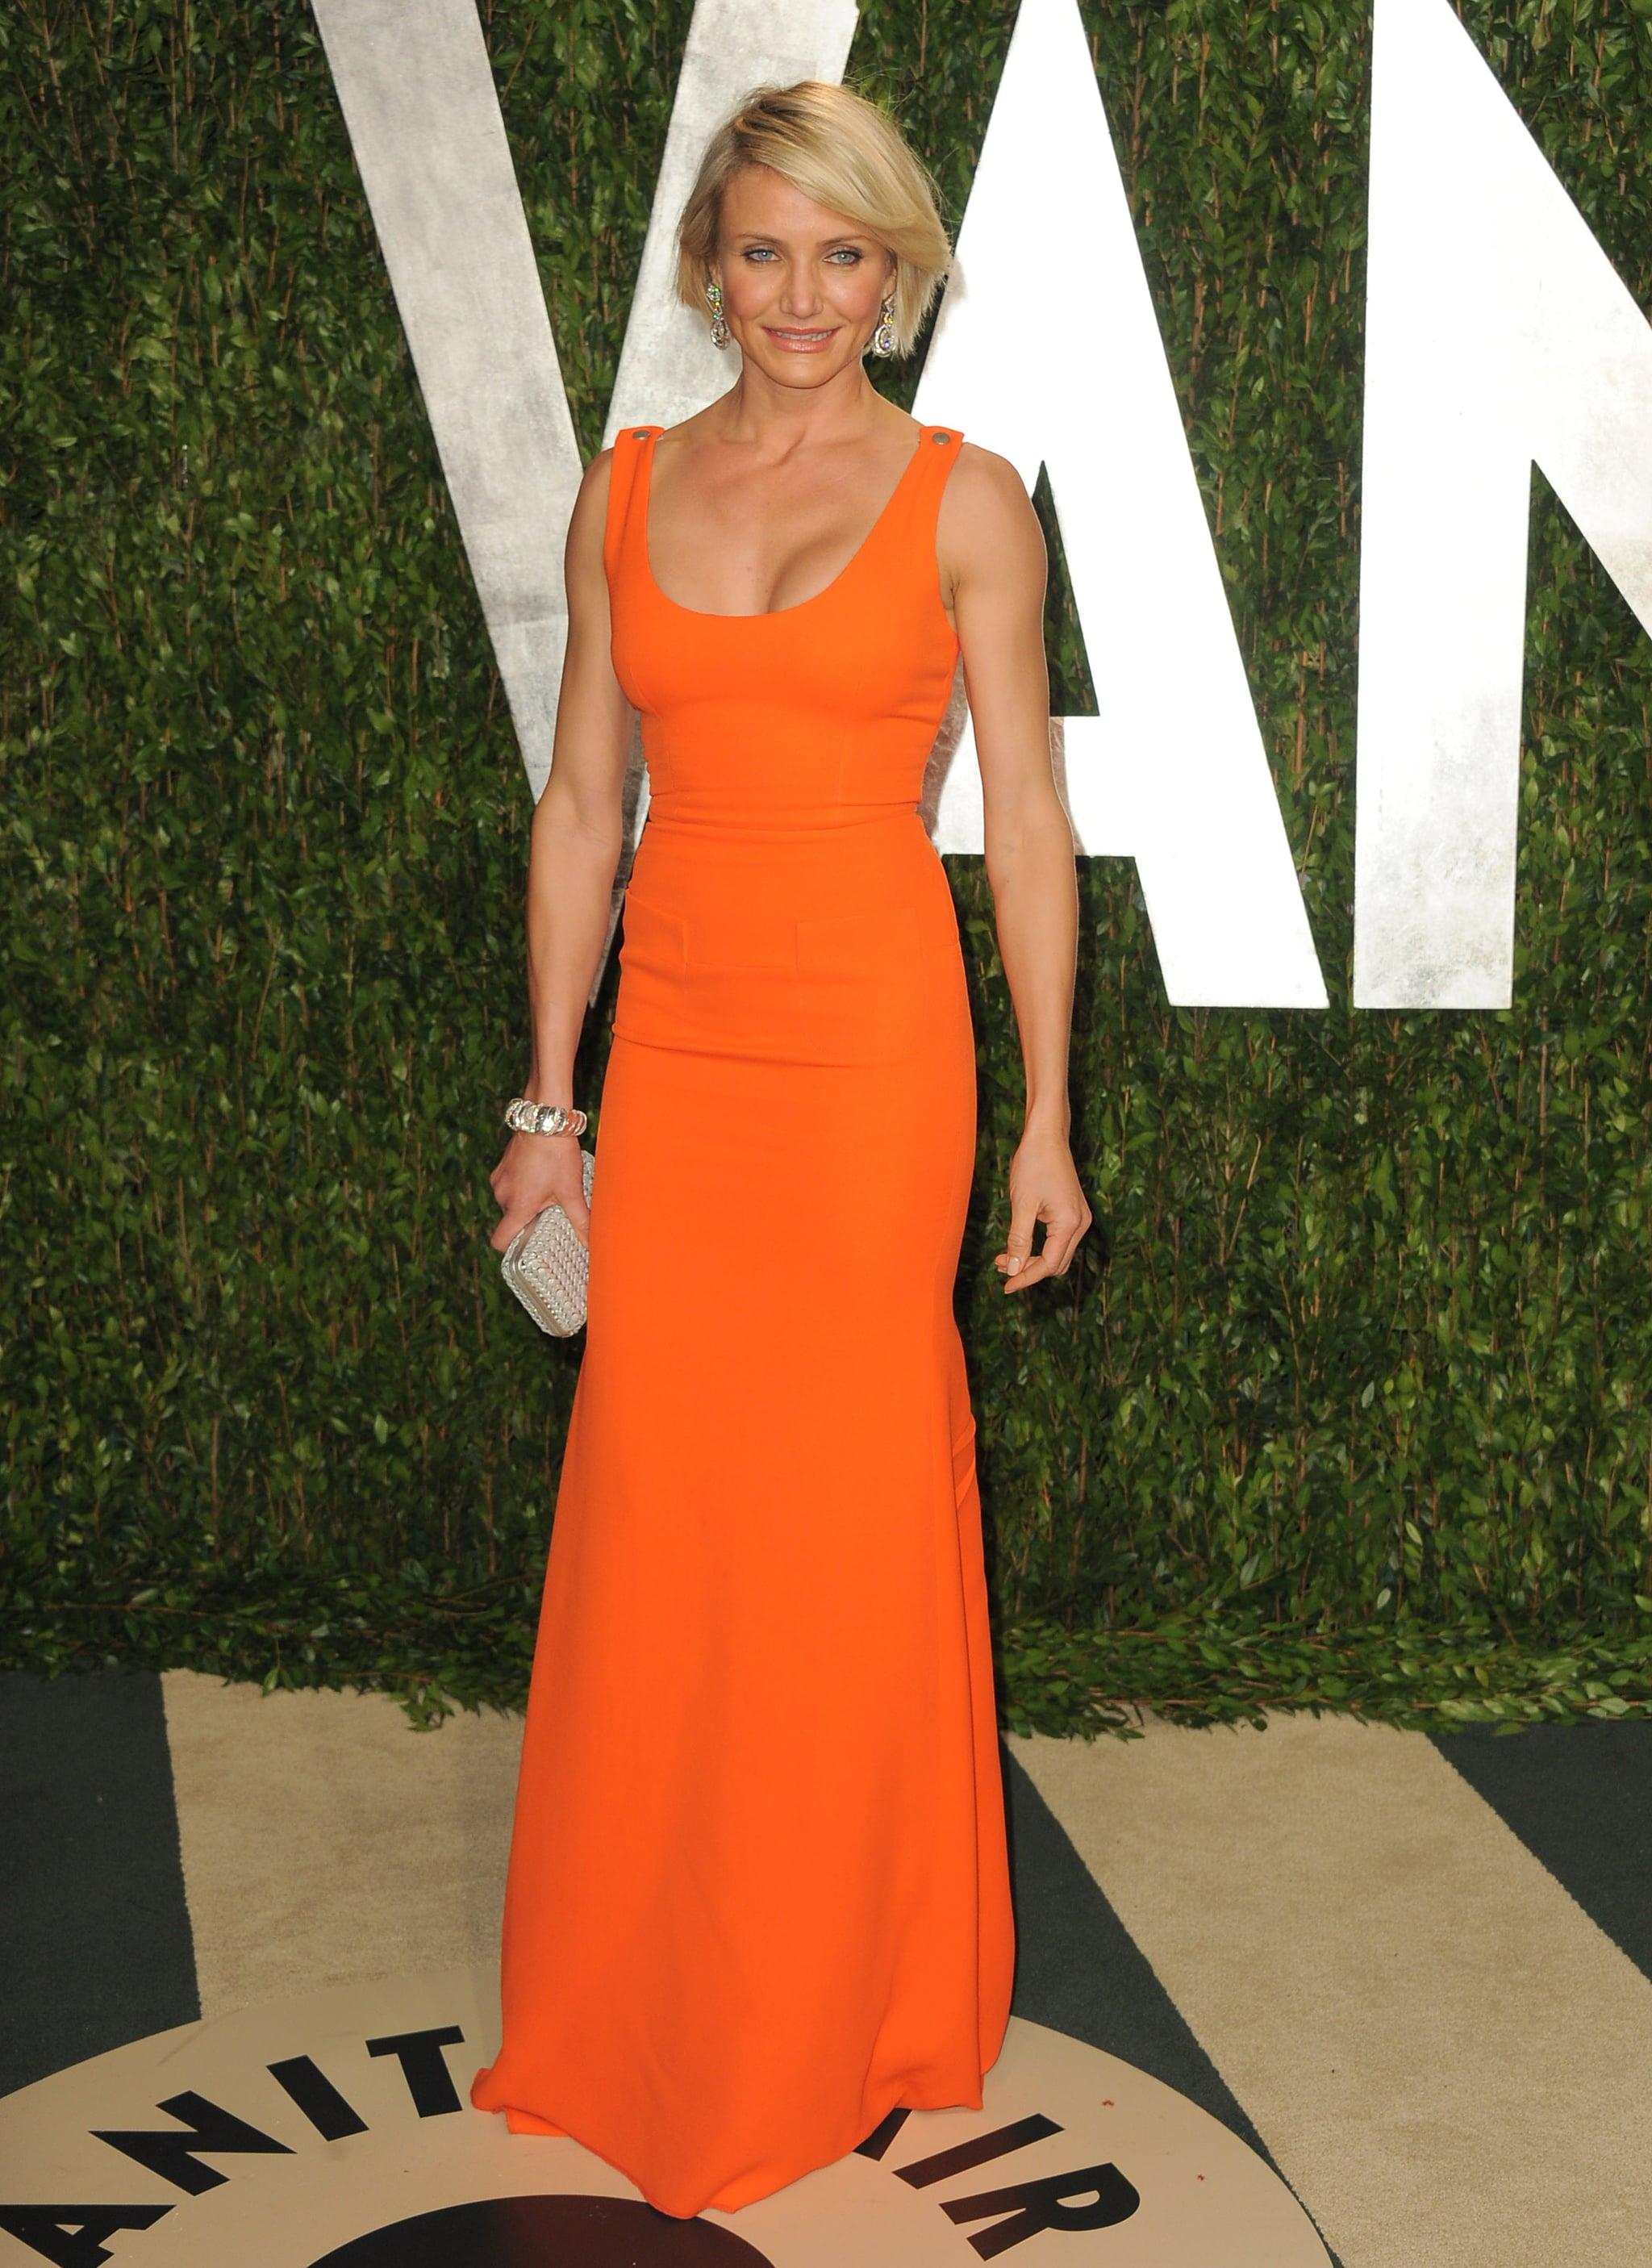 Cameron Diaz wore an bright orange Victoria Beckham gown.